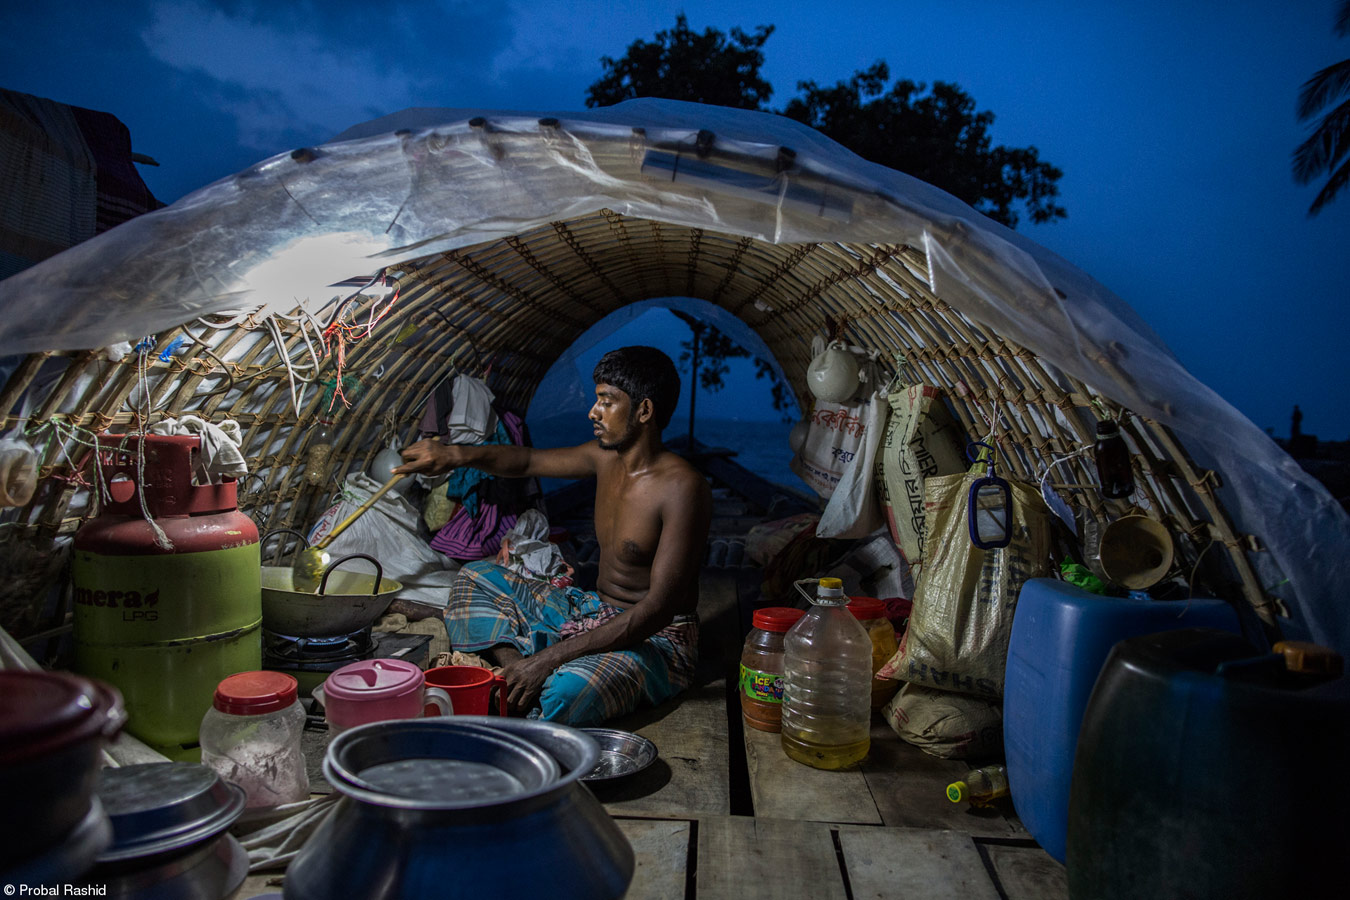 Рыбак, © Пробал Рашид, Бангладеш, 1-е место, Всемирная продовольственная программа «Продовольствие для жизни», Фотоконкурс Pink Lady Food